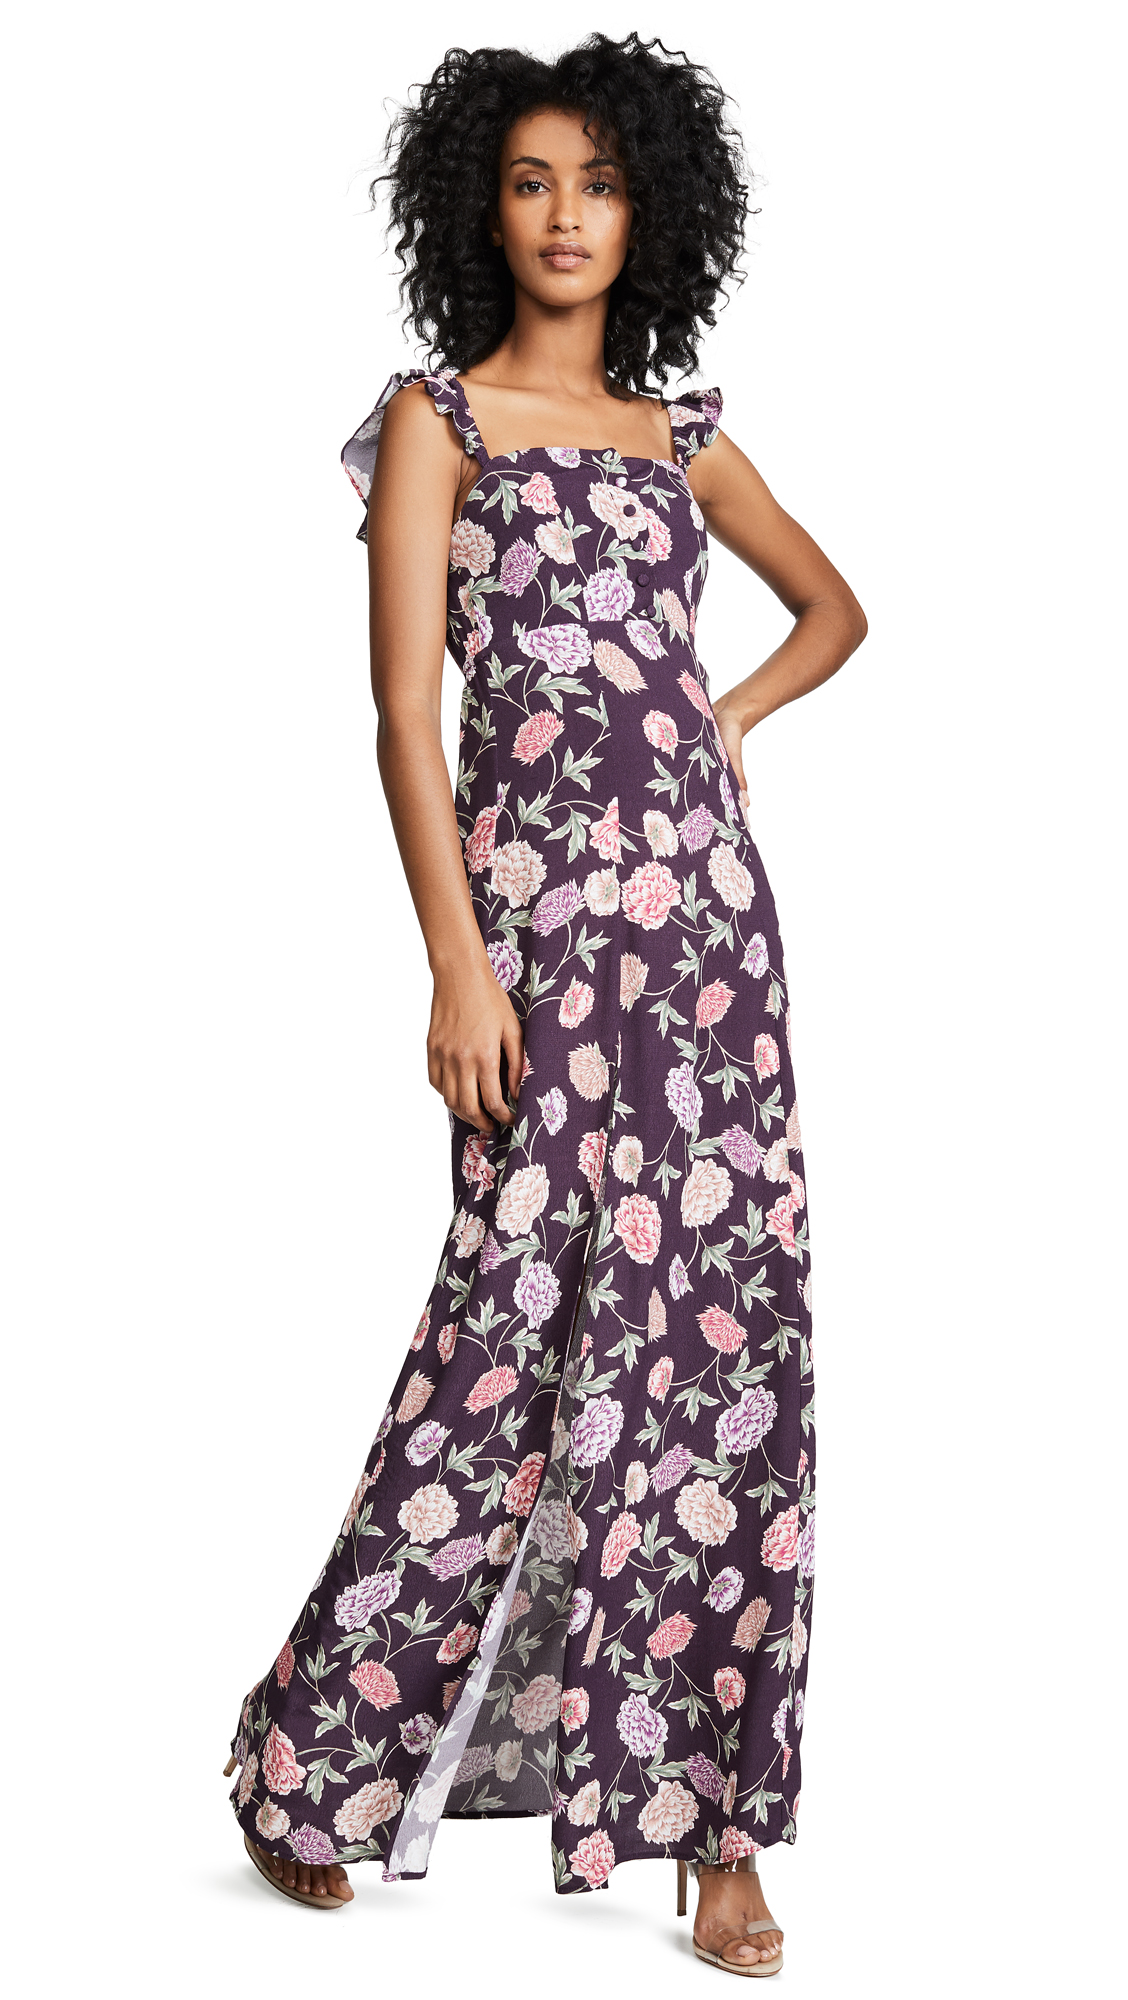 Flynn Skye Bardot Maxi Dress - In Full Bloom